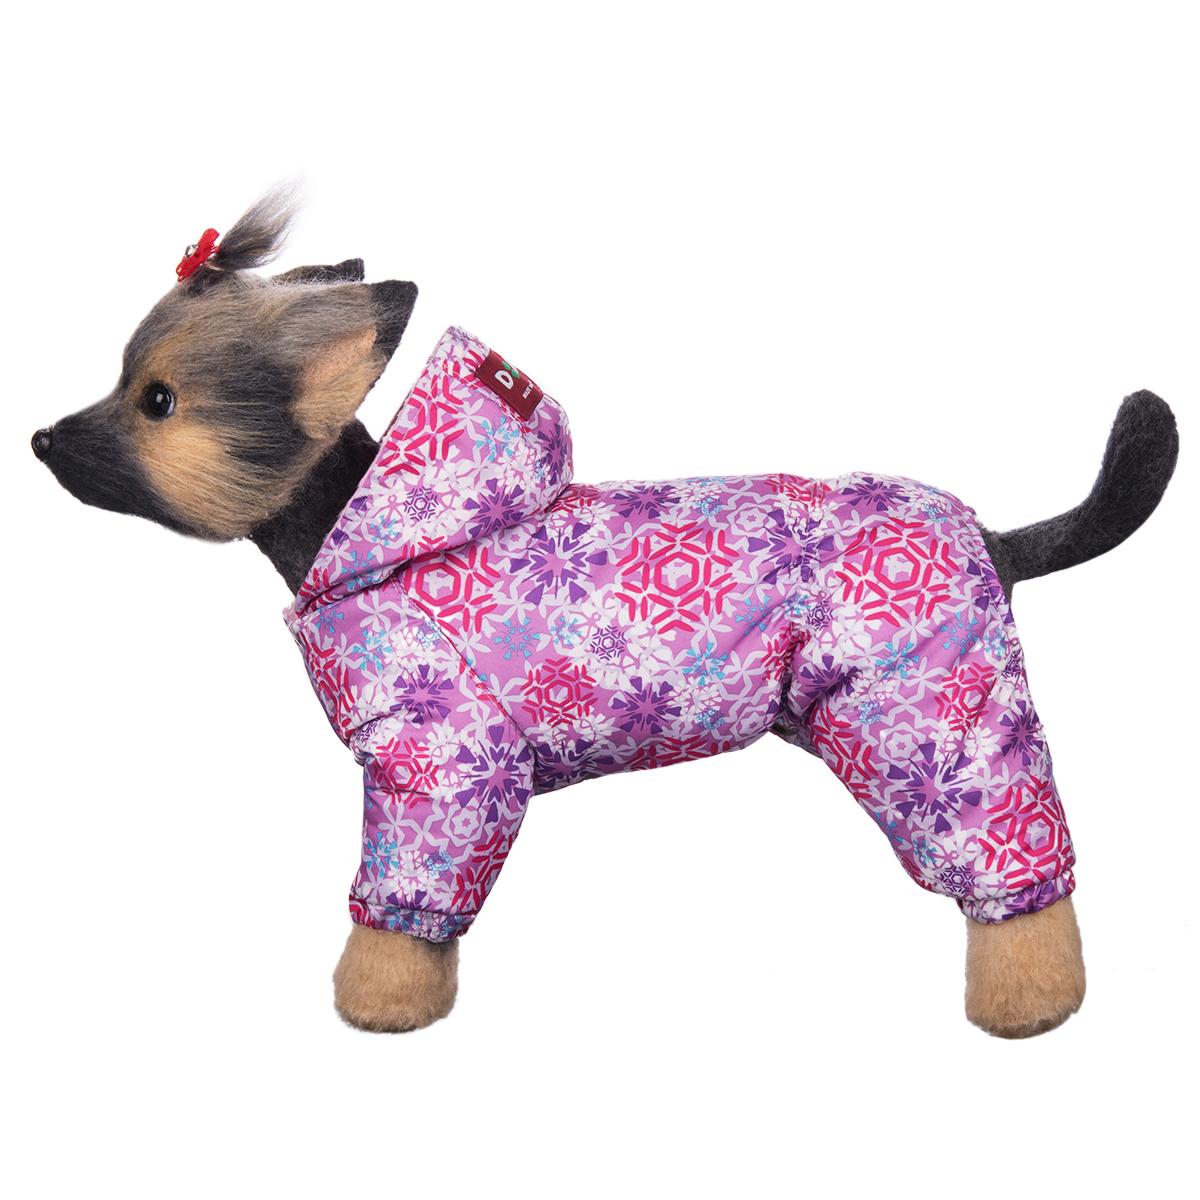 Комбинезон для собак Dogmoda Зима, зимний, для девочки, цвет: розовый, белый. Размер 4 (XL)DM-160259-4Зимний комбинезон для собак Dogmoda Зима отлично подойдет для прогулок в зимнее время года. Комбинезон изготовлен из полиэстера, защищающего от ветра и снега, с утеплителем из синтепона, который сохранит тепло даже в сильные морозы, а на подкладке используется искусственный мех, который обеспечивает отличный воздухообмен. Комбинезон с капюшоном застегивается на кнопки, благодаря чему его легко надевать и снимать. Капюшон не отстегивается. Низ рукавов и брючин оснащен внутренними резинками, которые мягко обхватывают лапки, не позволяя просачиваться холодному воздуху. Благодаря такому комбинезону простуда не грозит вашему питомцу.